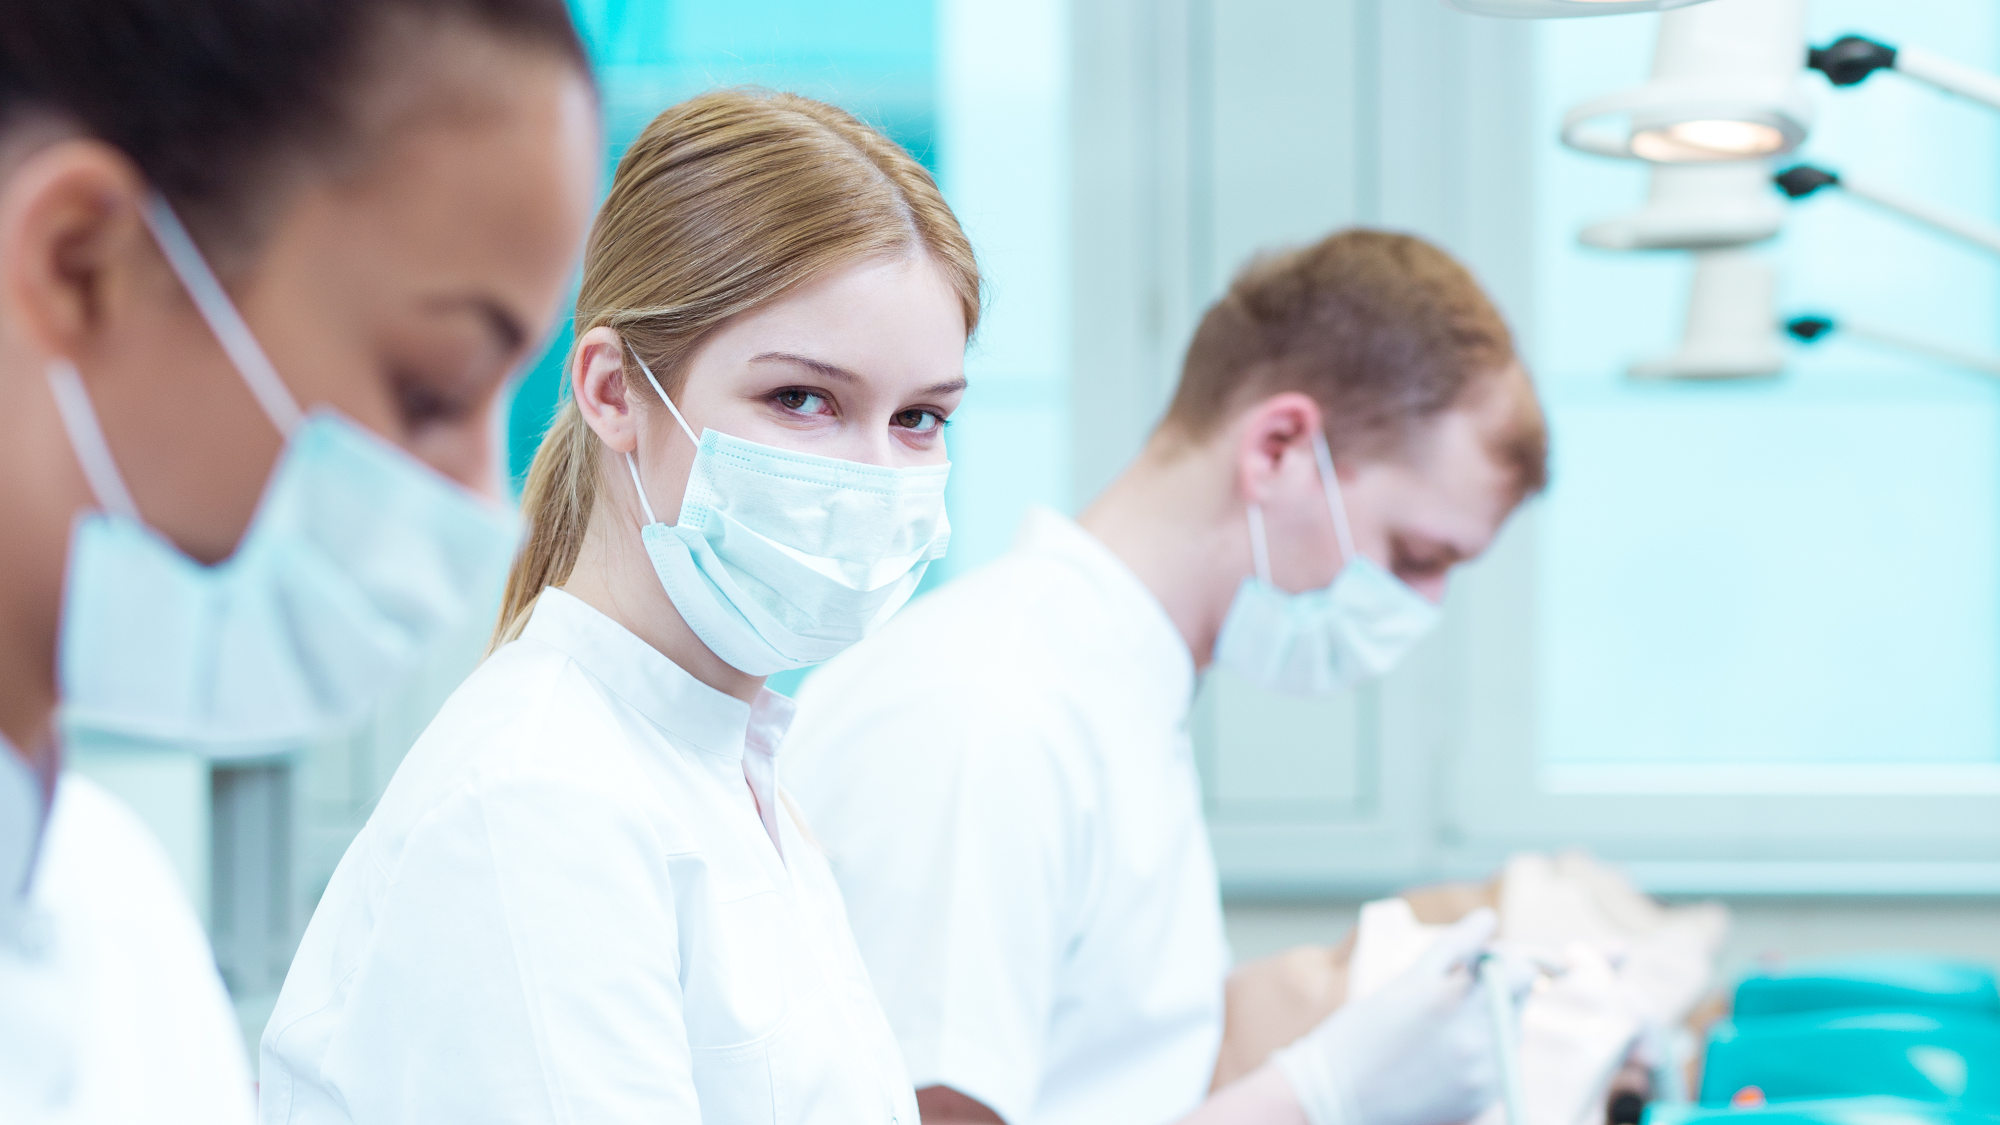 Studenti stomatologije zabrinuti zbog nedostatka kliničkih veština